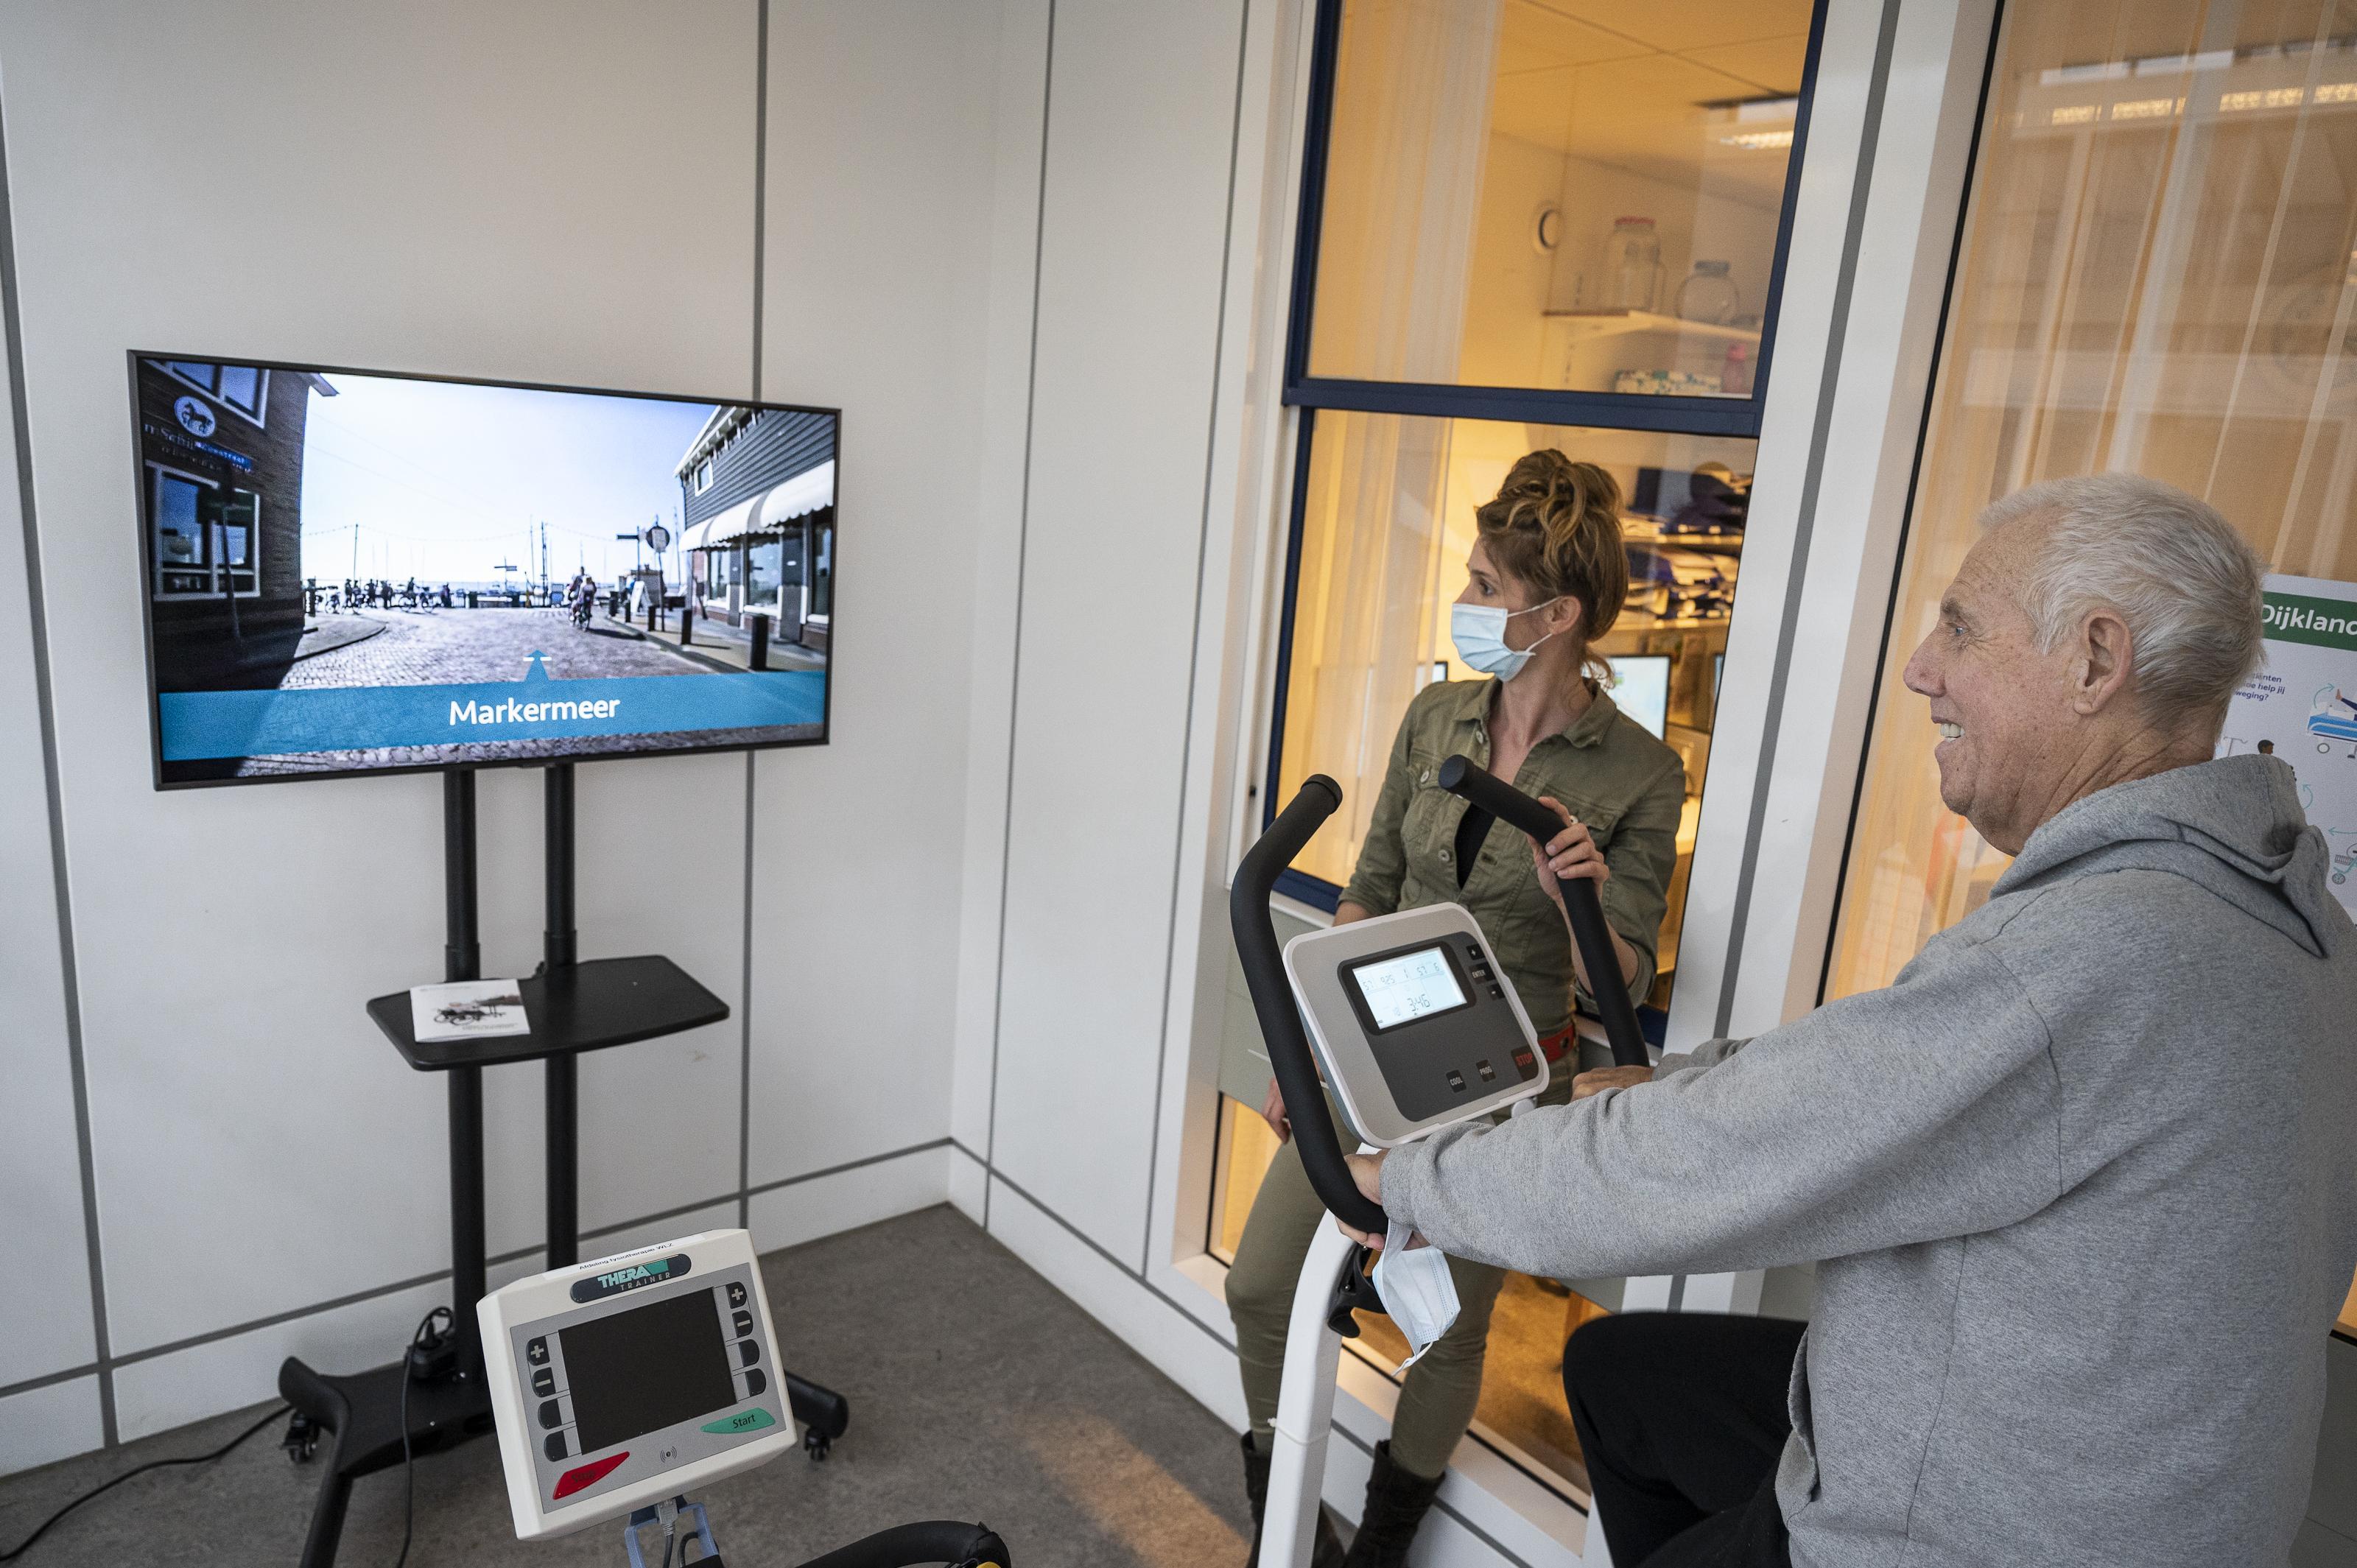 Patienten van het Dijklander Ziekenhuis moeten door voorlichting en hometrainers bij afdelingen meer bewegen: 'Je 'ligt' niet in het ziekenhuis'